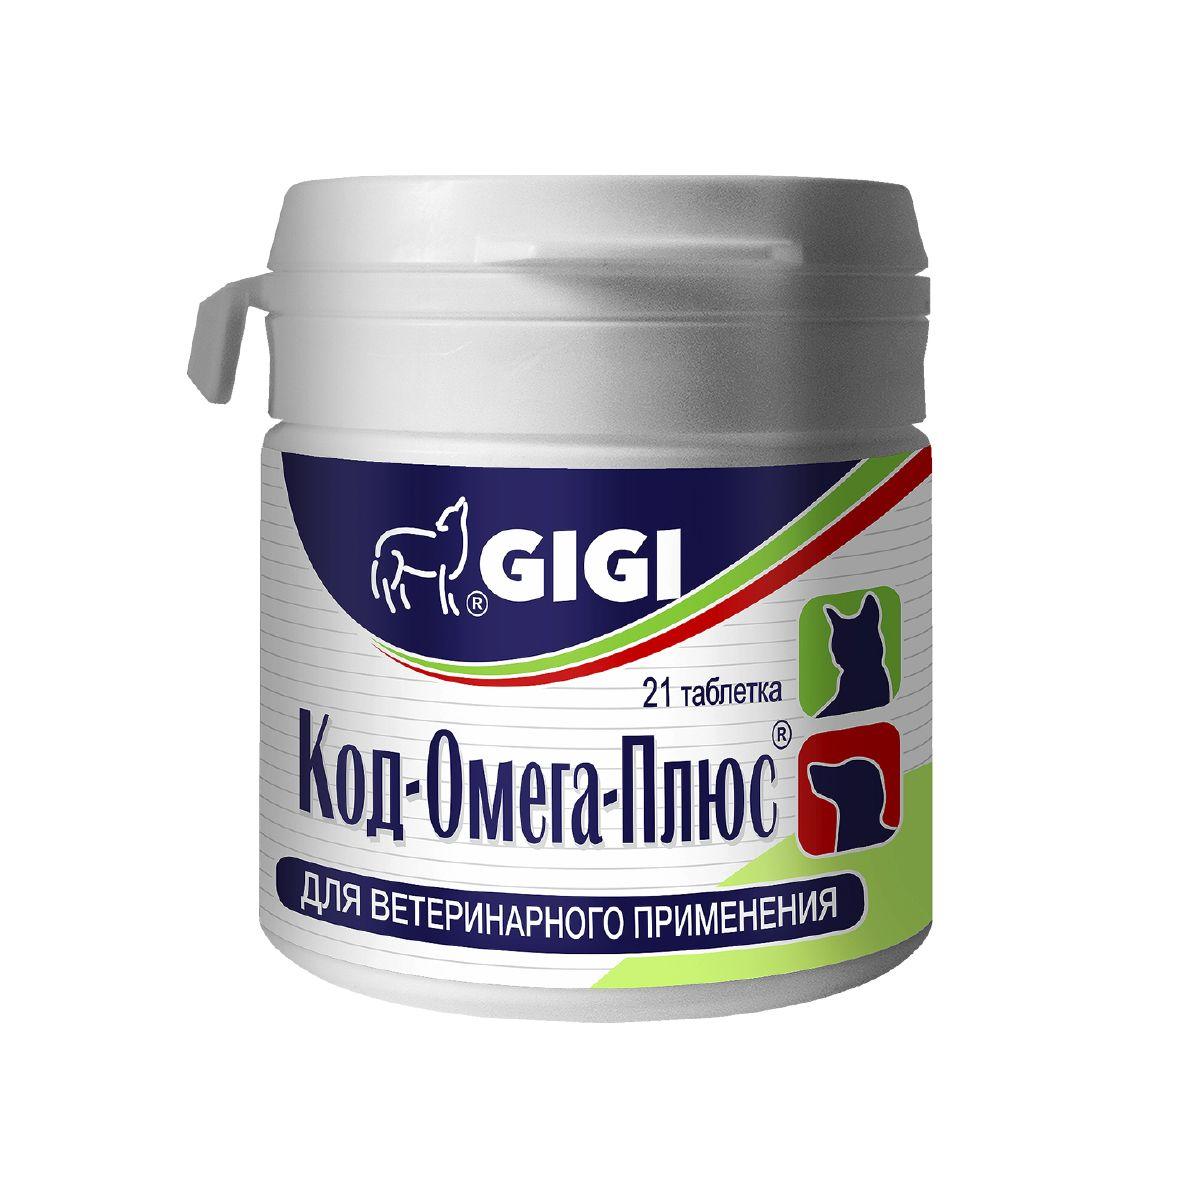 Кормовая добавка для собак и кошек GIGI Код-Омега-Плюс 21табл.